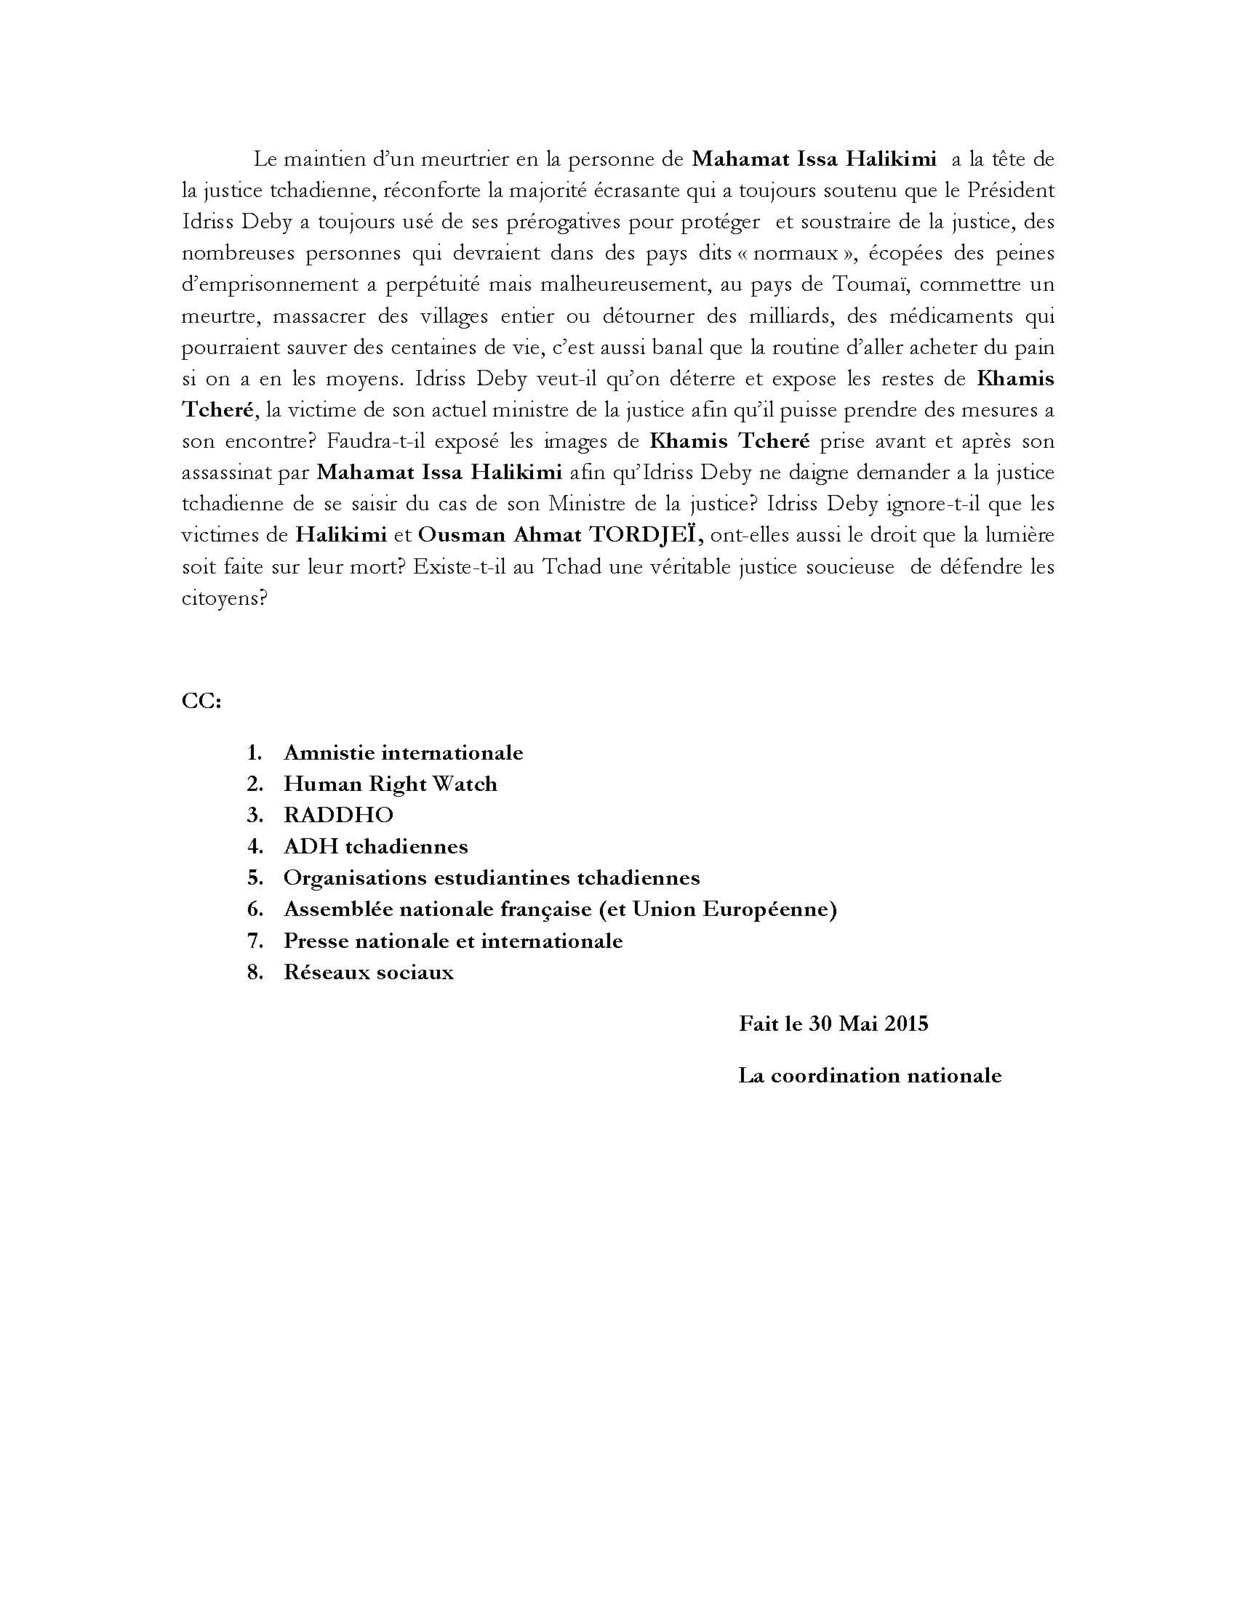 MCCT: existe-t-il au Tchad une justice soucieuse de défendre les citoyens?